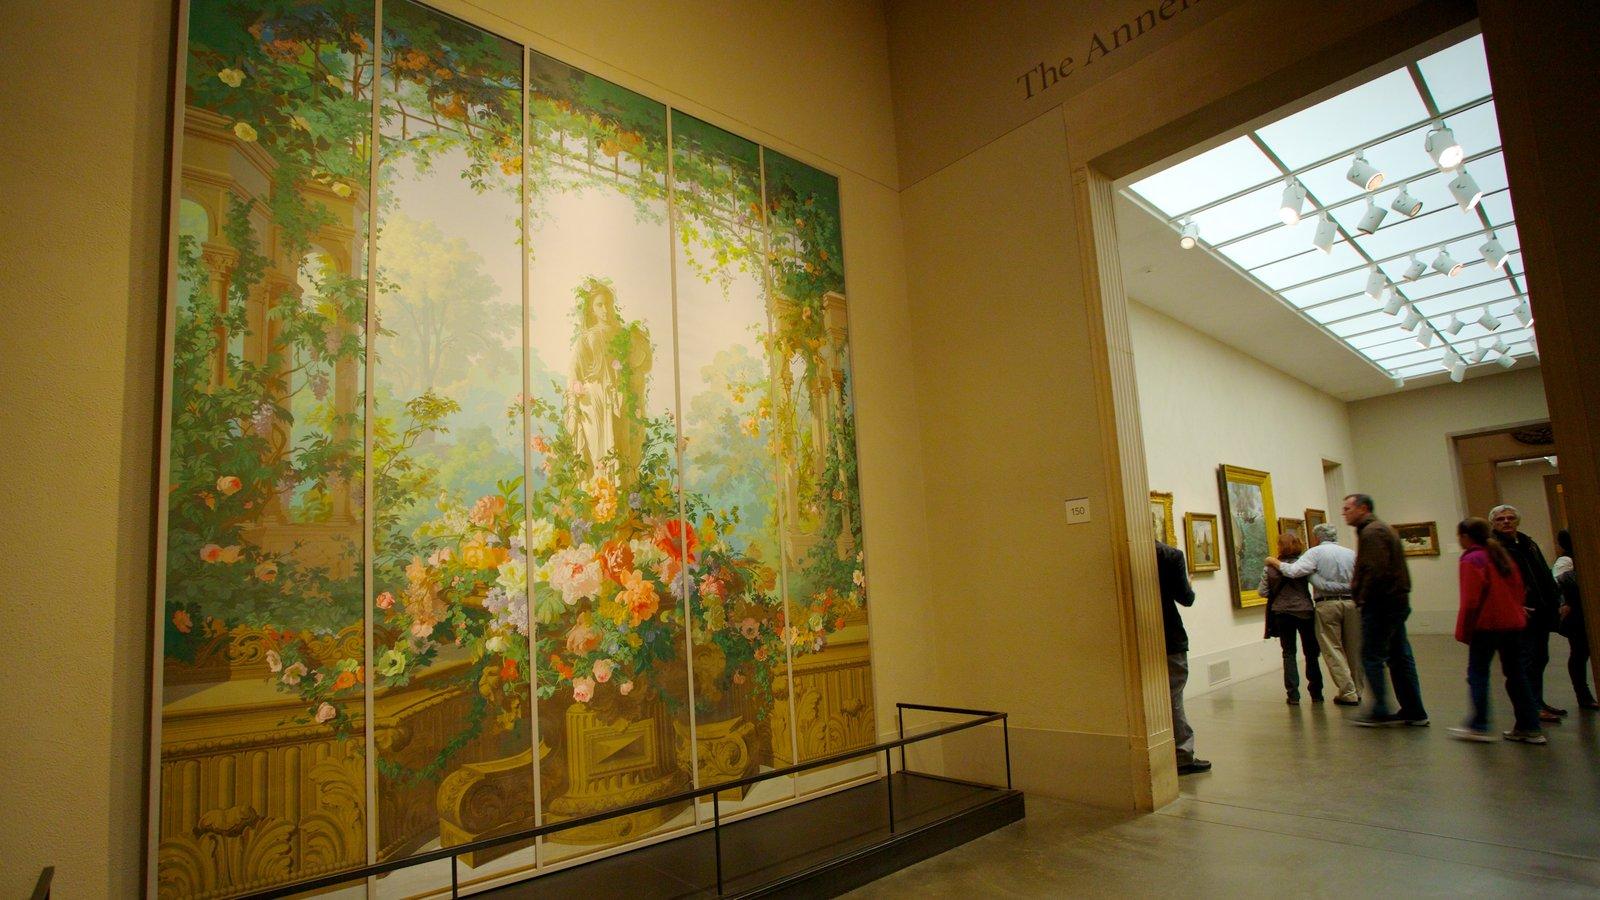 Museu de Arte mostrando vistas internas e arte assim como um pequeno grupo de pessoas